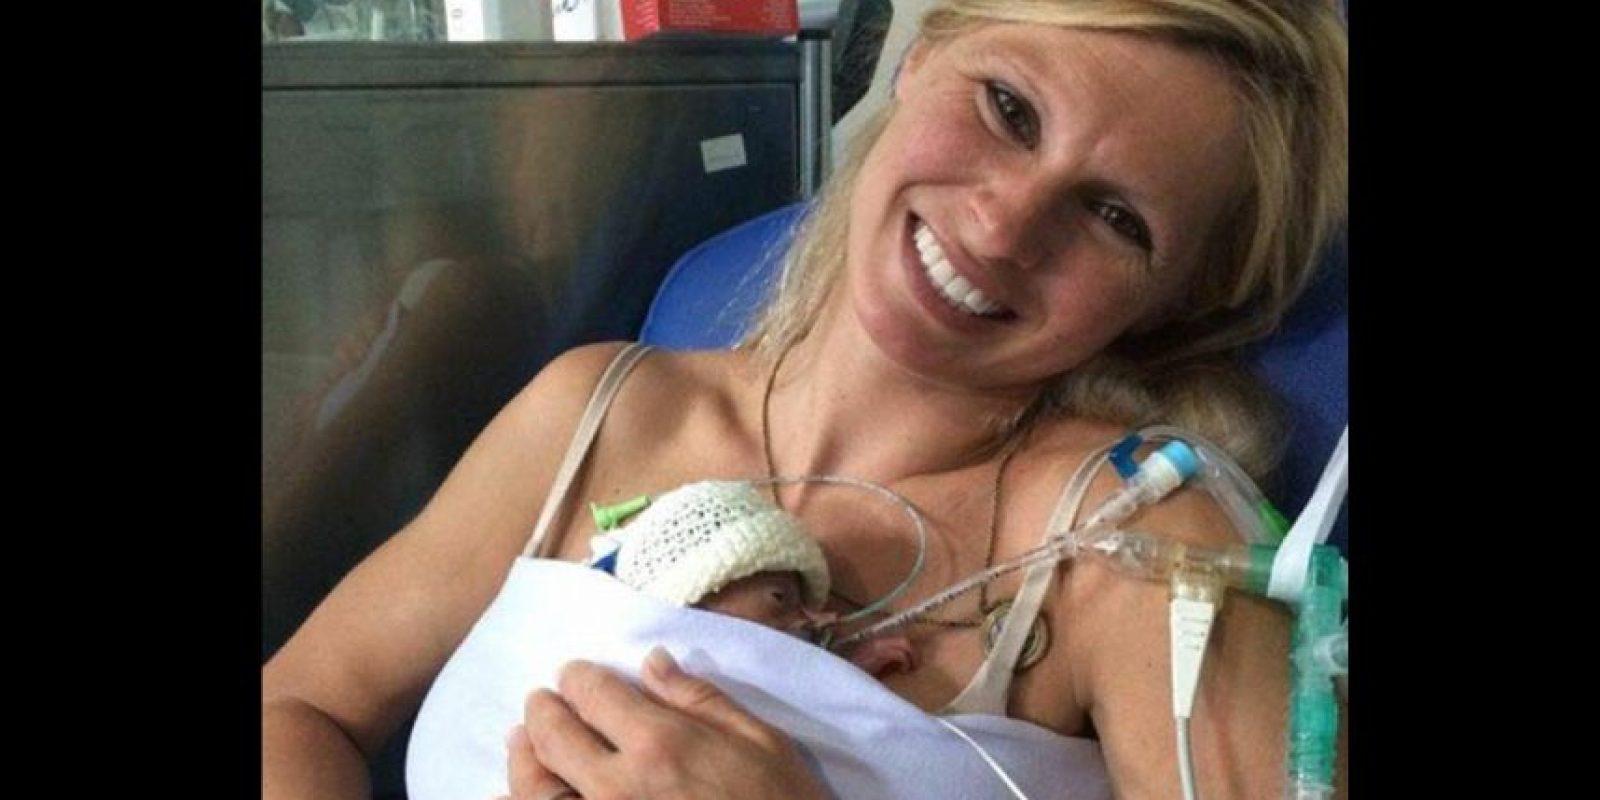 La pareja se encontraba de vacaciones en Portugal cuando dieron a luz a sus gemelos. Foto:Vía Facebook